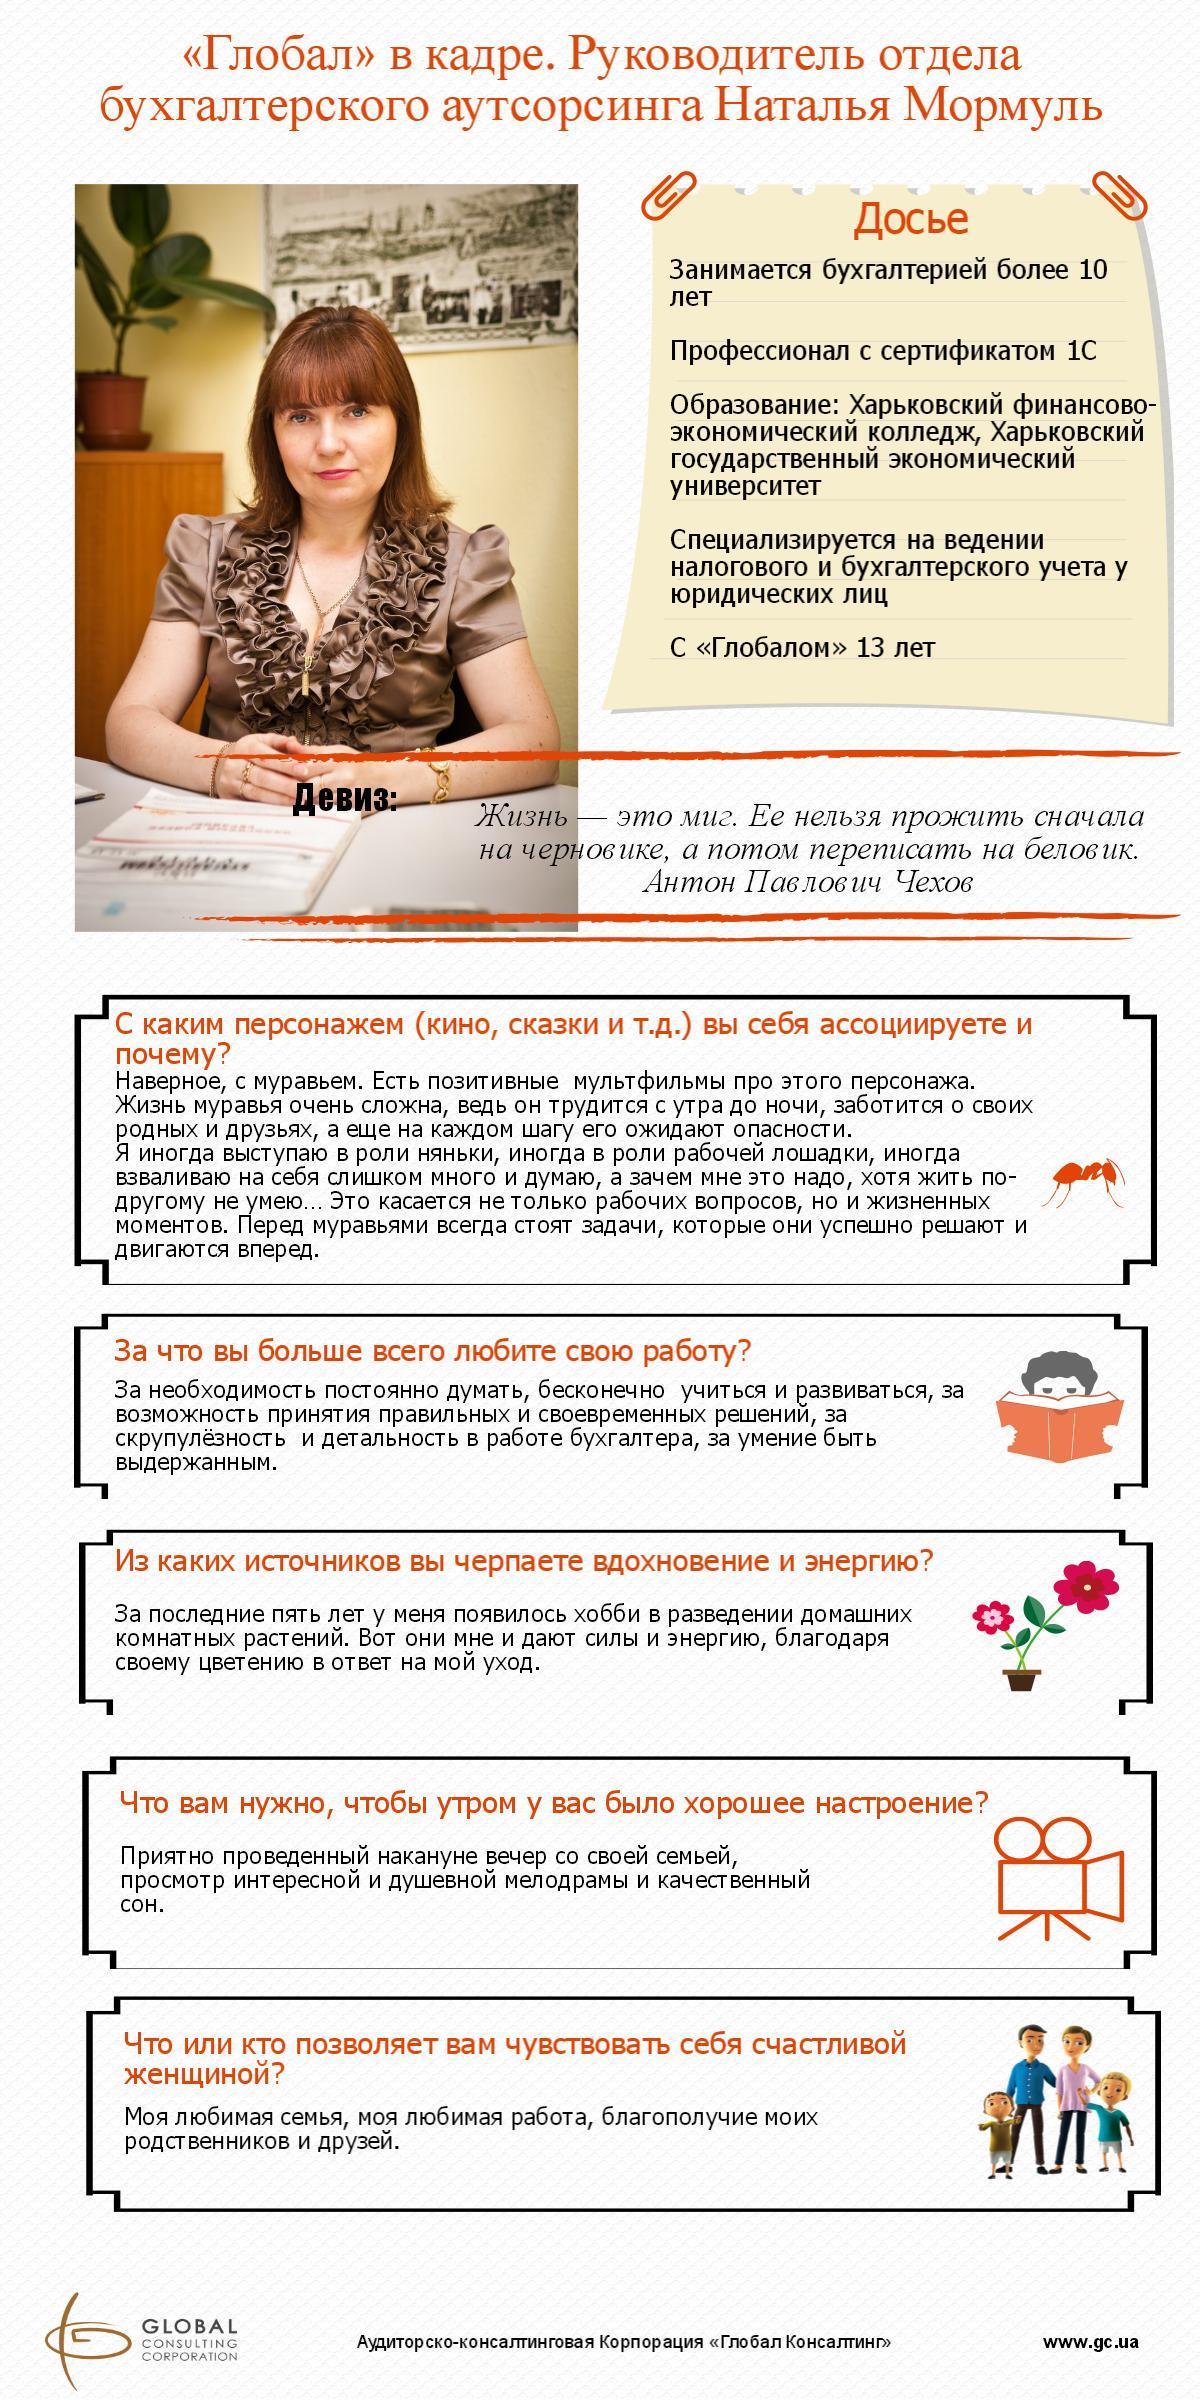 Наталья Мормуль